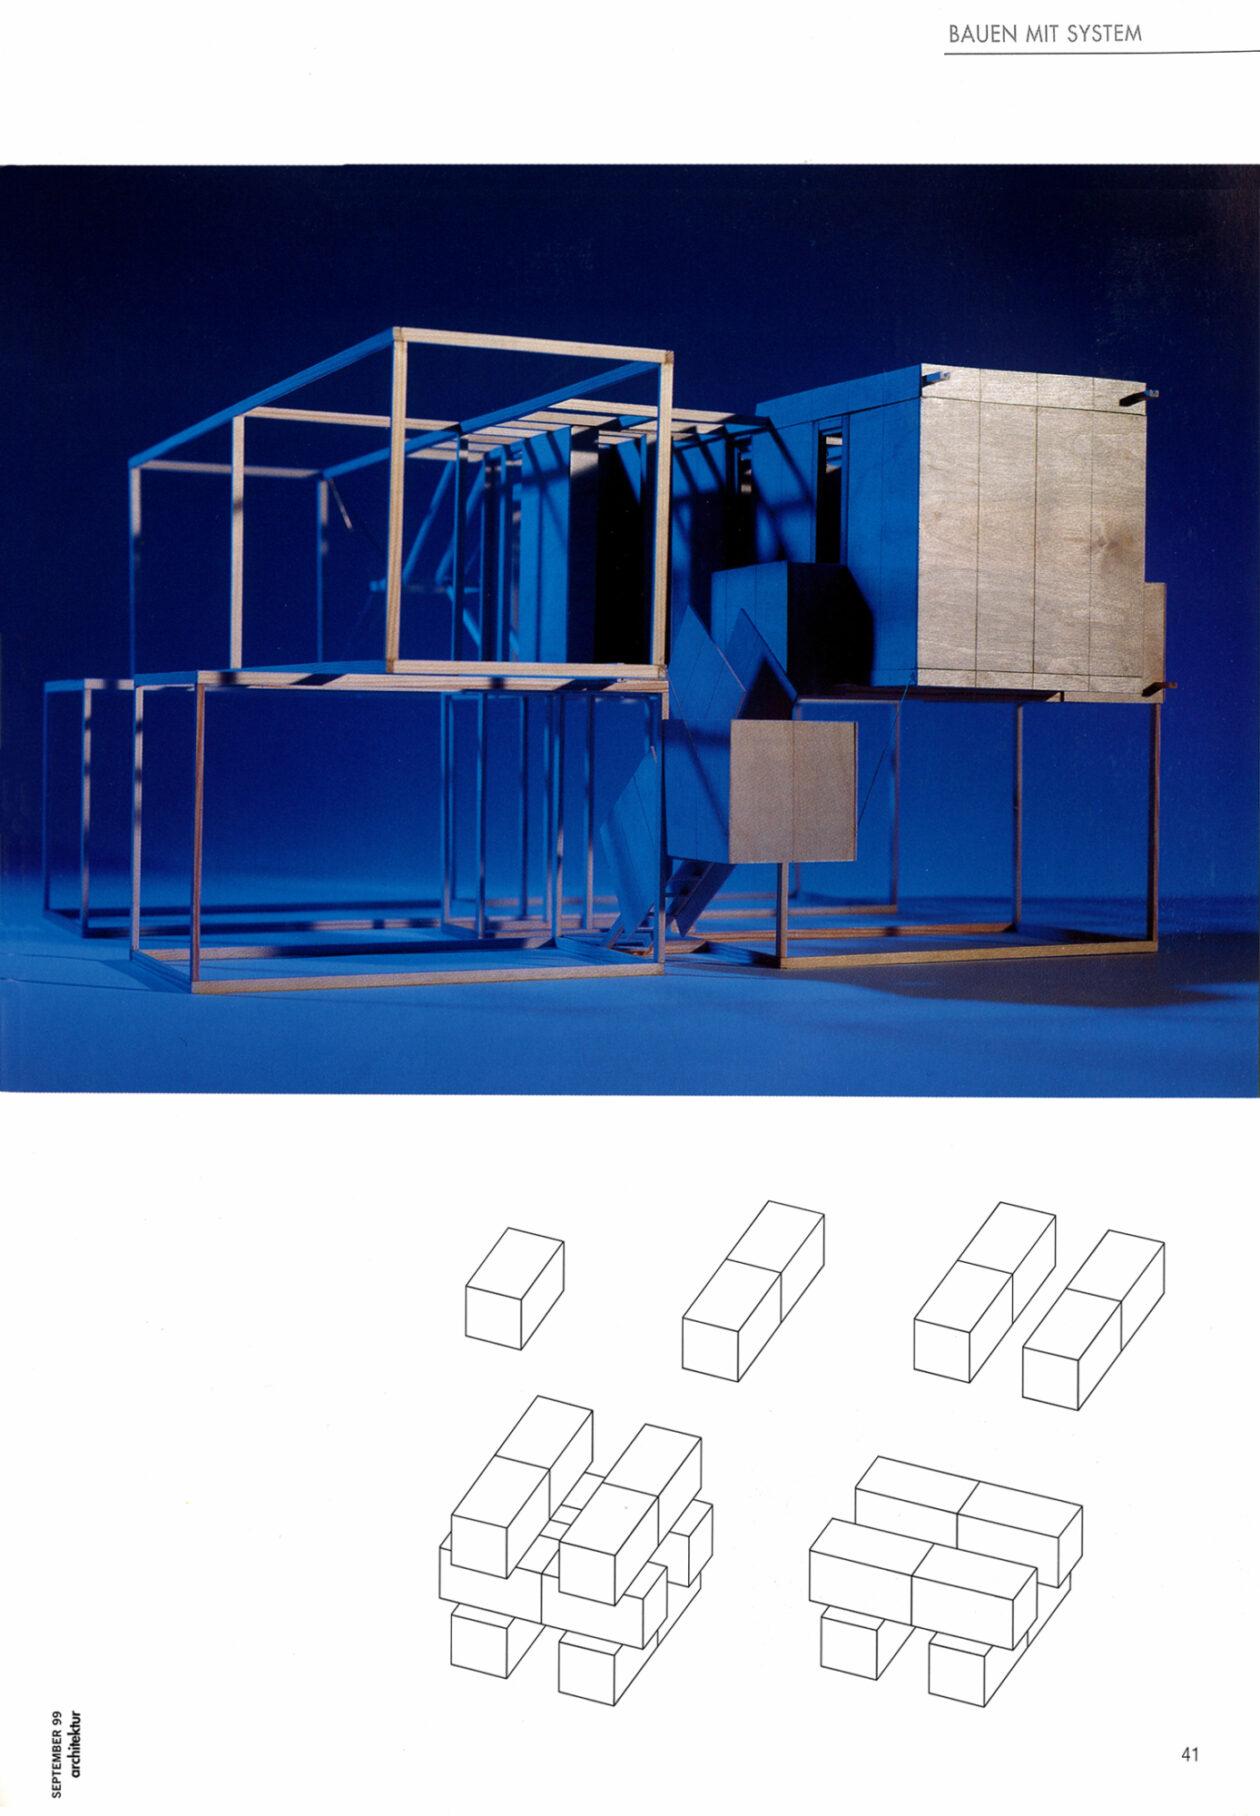 Architektur Bauen Mit System 03